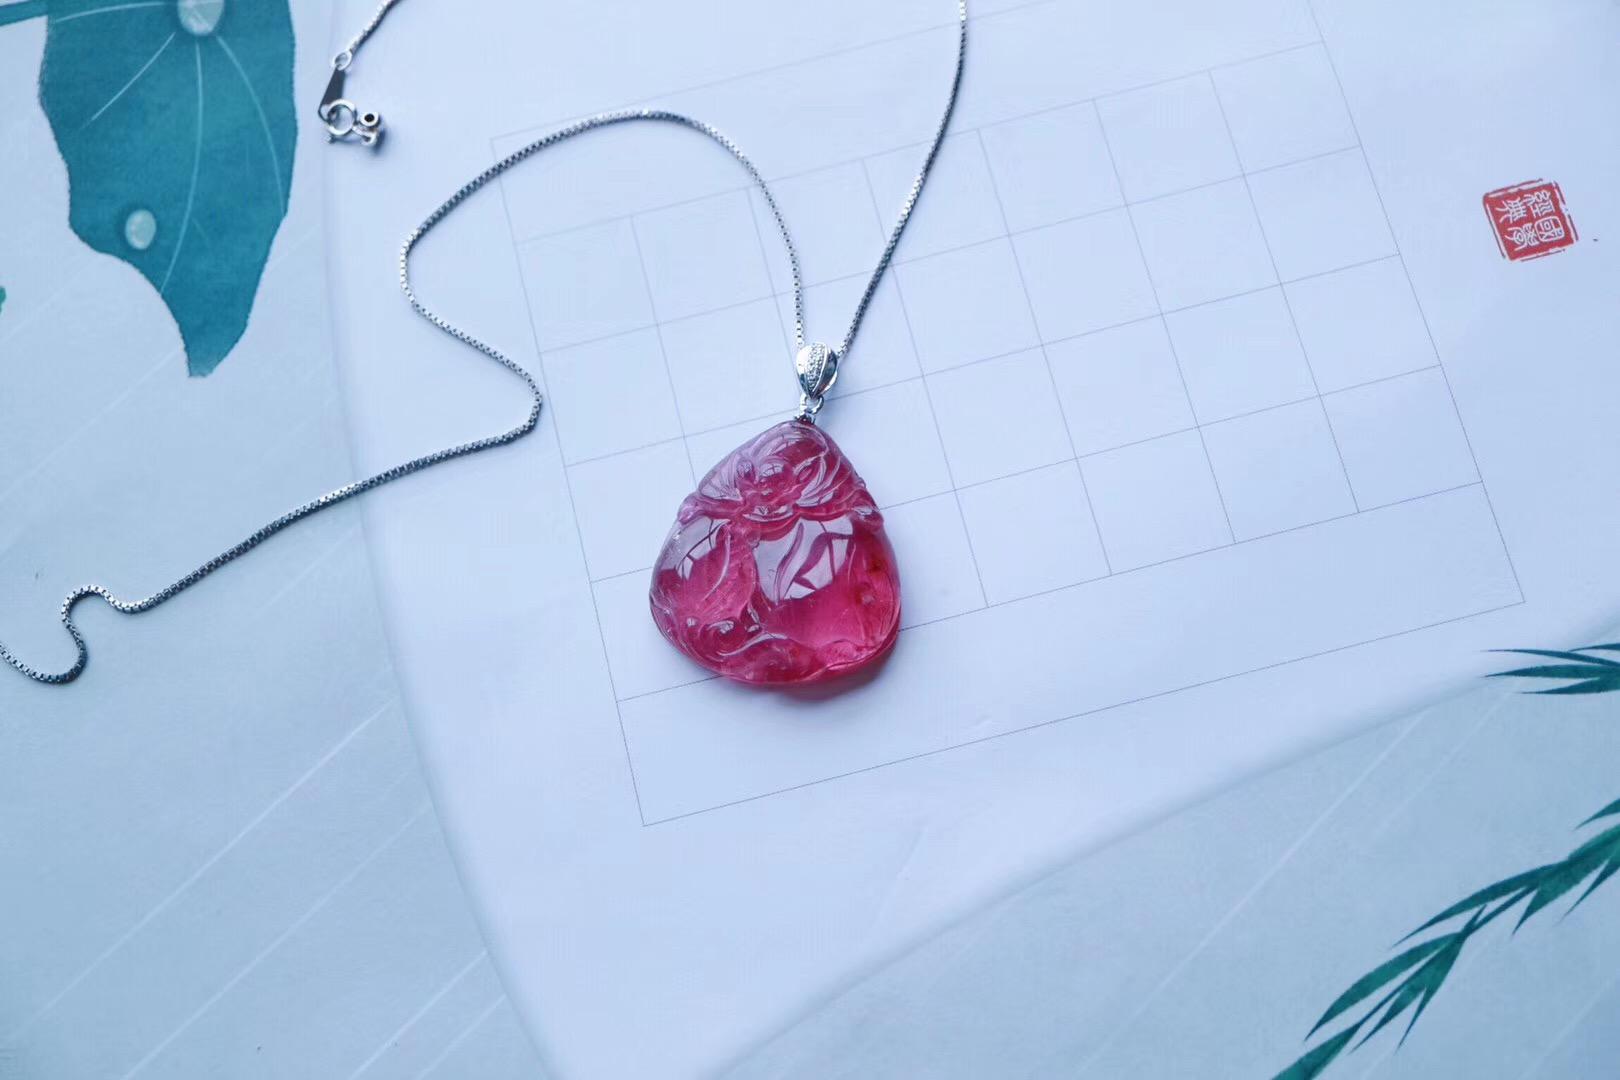 【菩心 | 粉碧玺】 粉红电气石是物质世界中爱的给予者-菩心晶舍